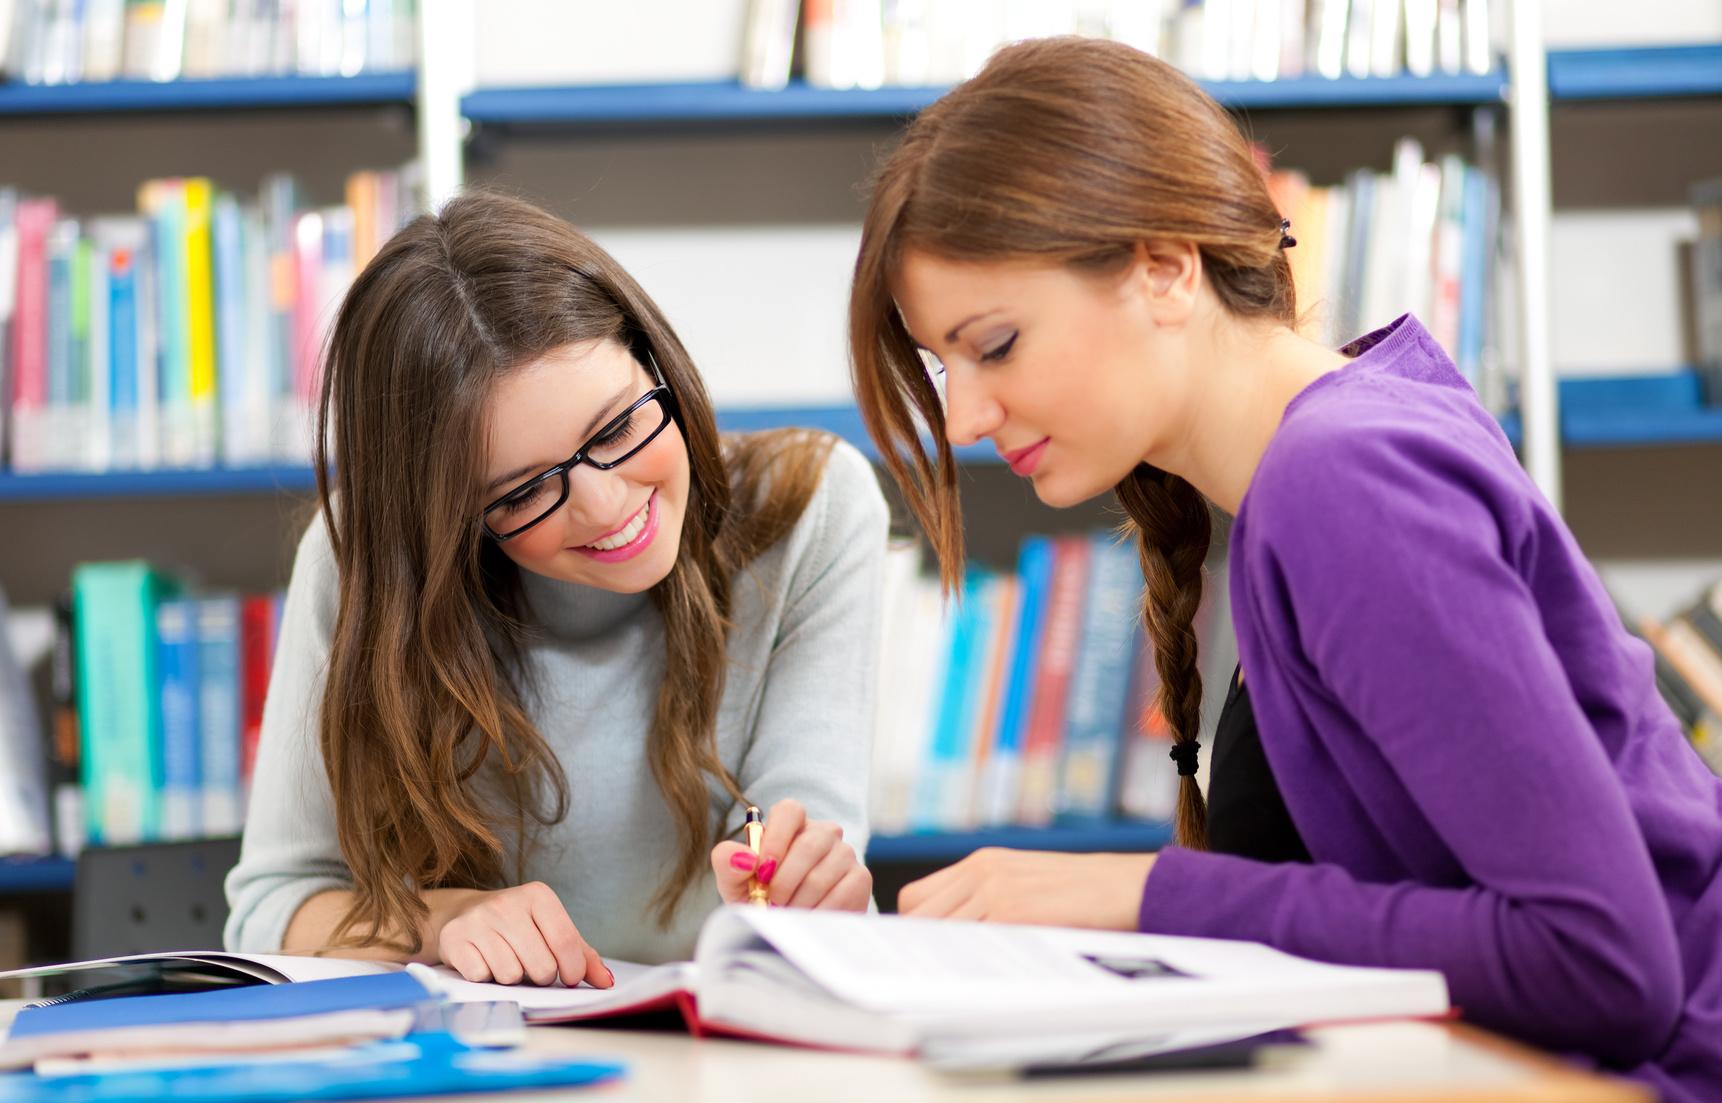 Profesor de matemáticas, Preparación para Exámenes de matemáticas